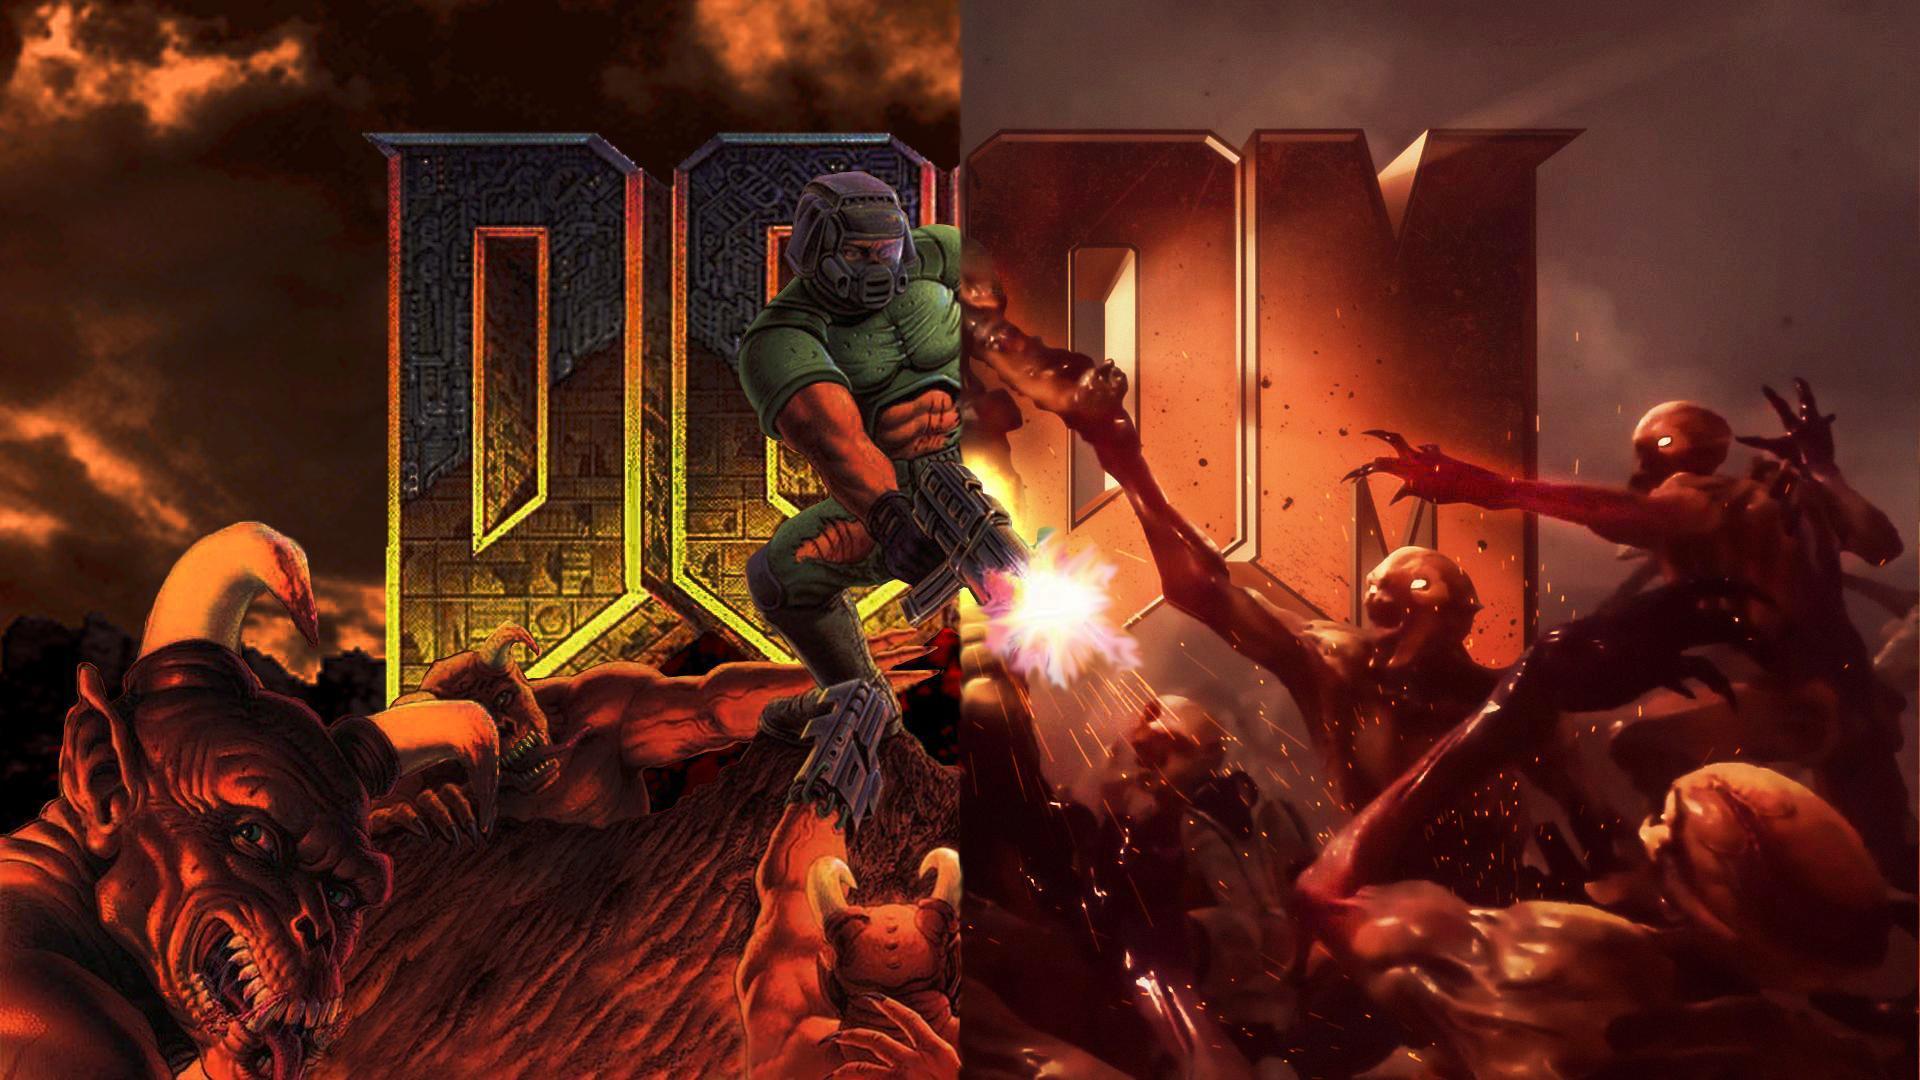 Doom Wallpapers Top Free Doom Backgrounds Wallpaperaccess